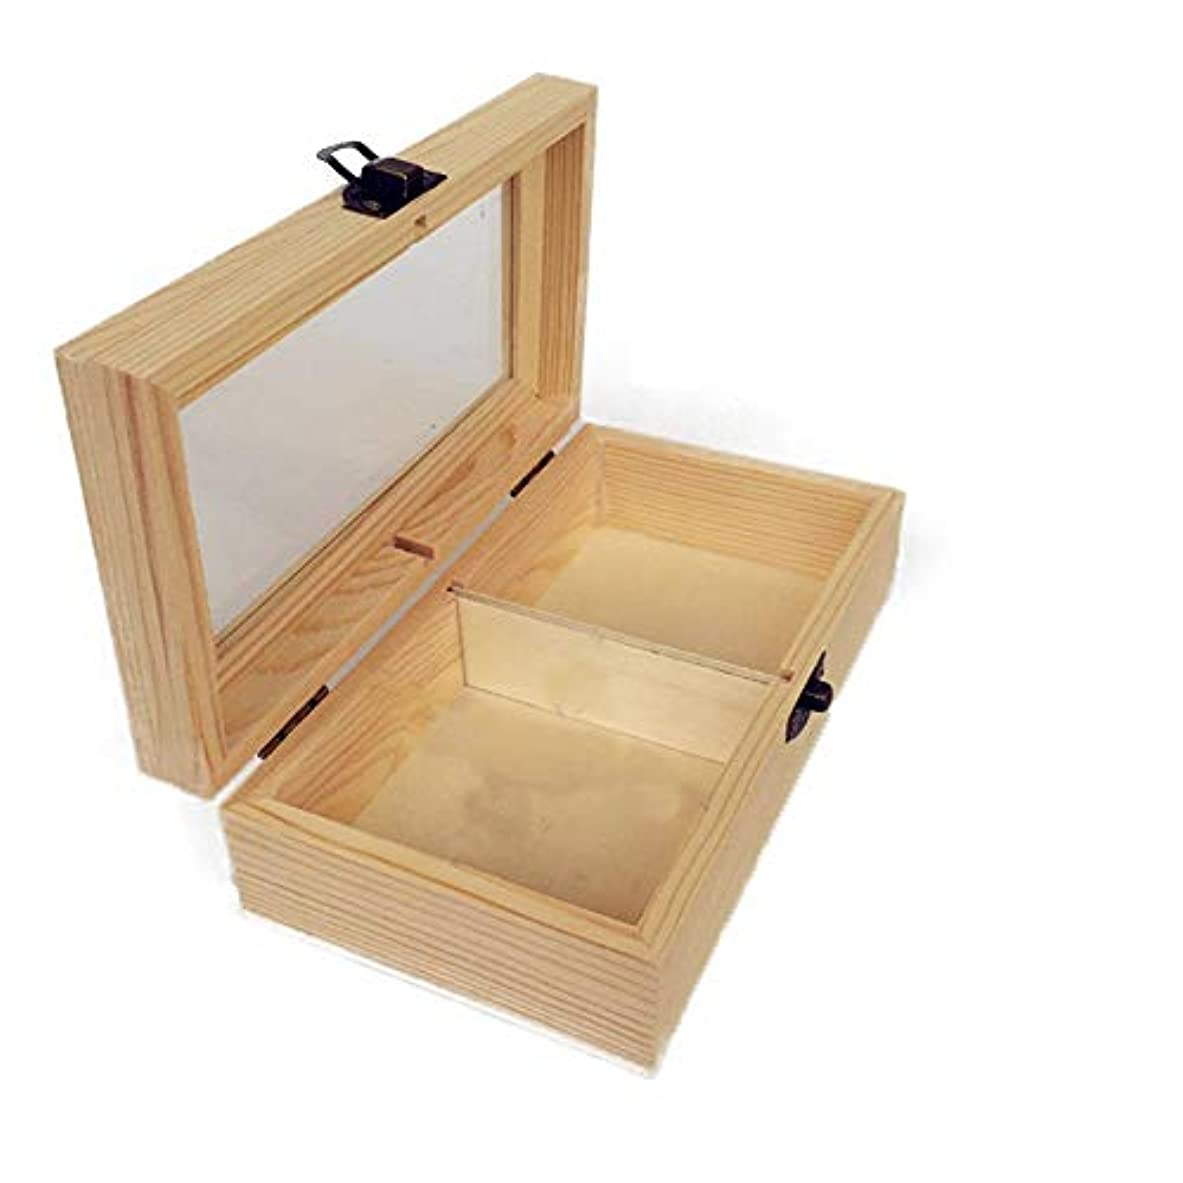 メトリック上陸ソフィープレゼンテーションのために手作りの木製ギフトボックスパーフェクトエッセンシャルオイルケースにエッセンシャルオイルは、被害太陽光からあなたの油を保護します アロマセラピー製品 (色 : Natural, サイズ : 18X10X5.5CM)